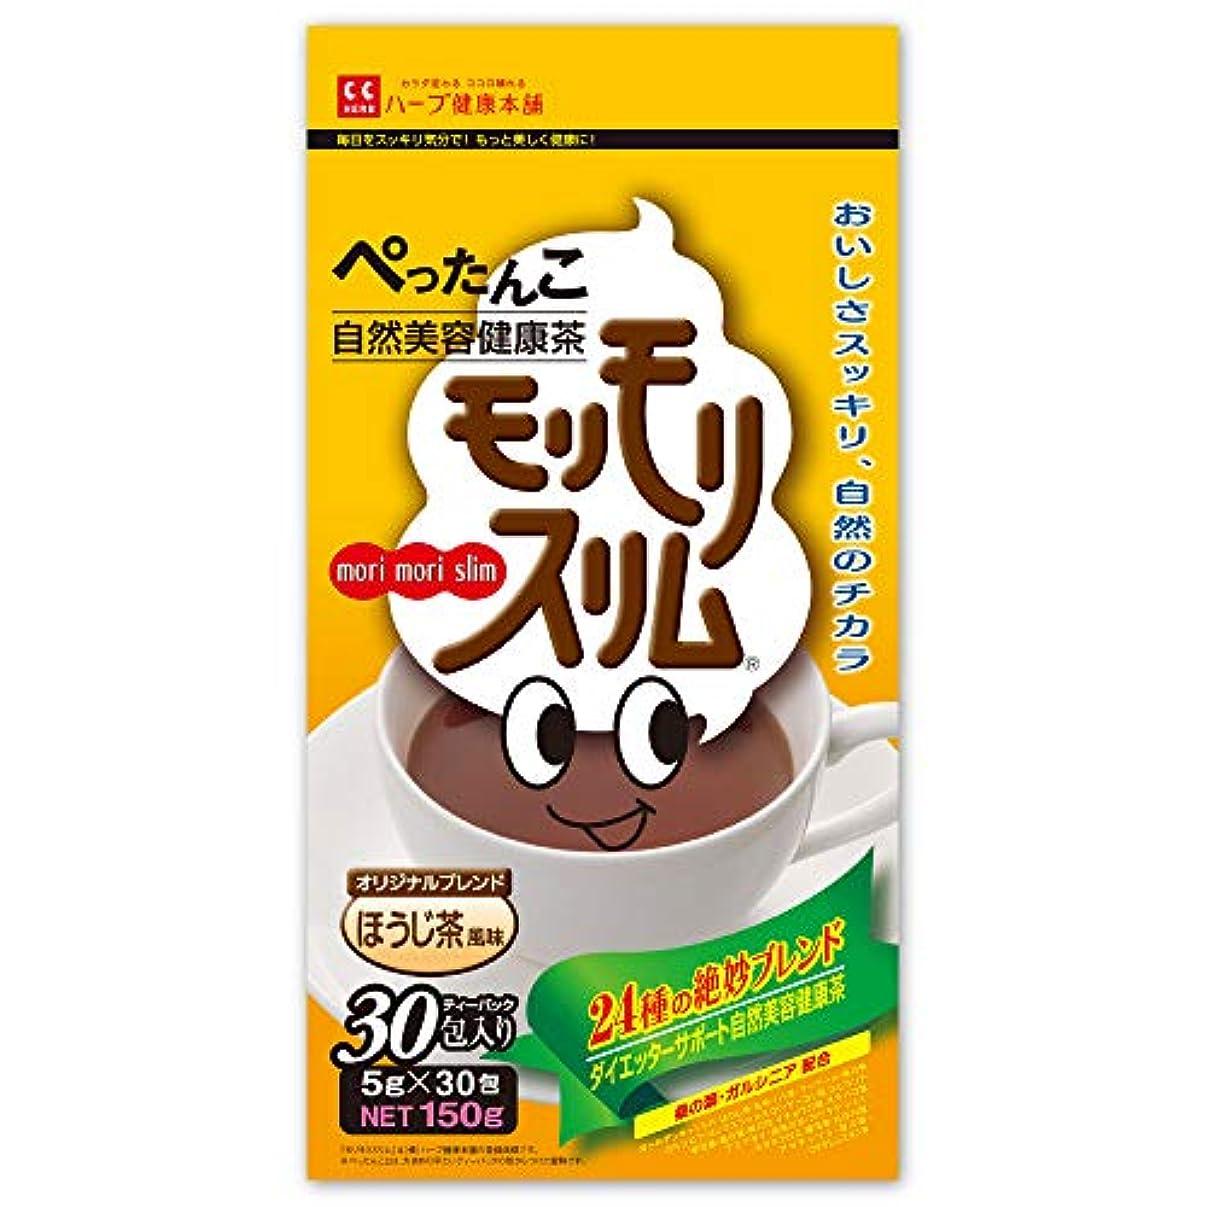 するだろう飛躍あからさまハーブ健康本舗 モリモリスリム(ほうじ茶風味) (30包)